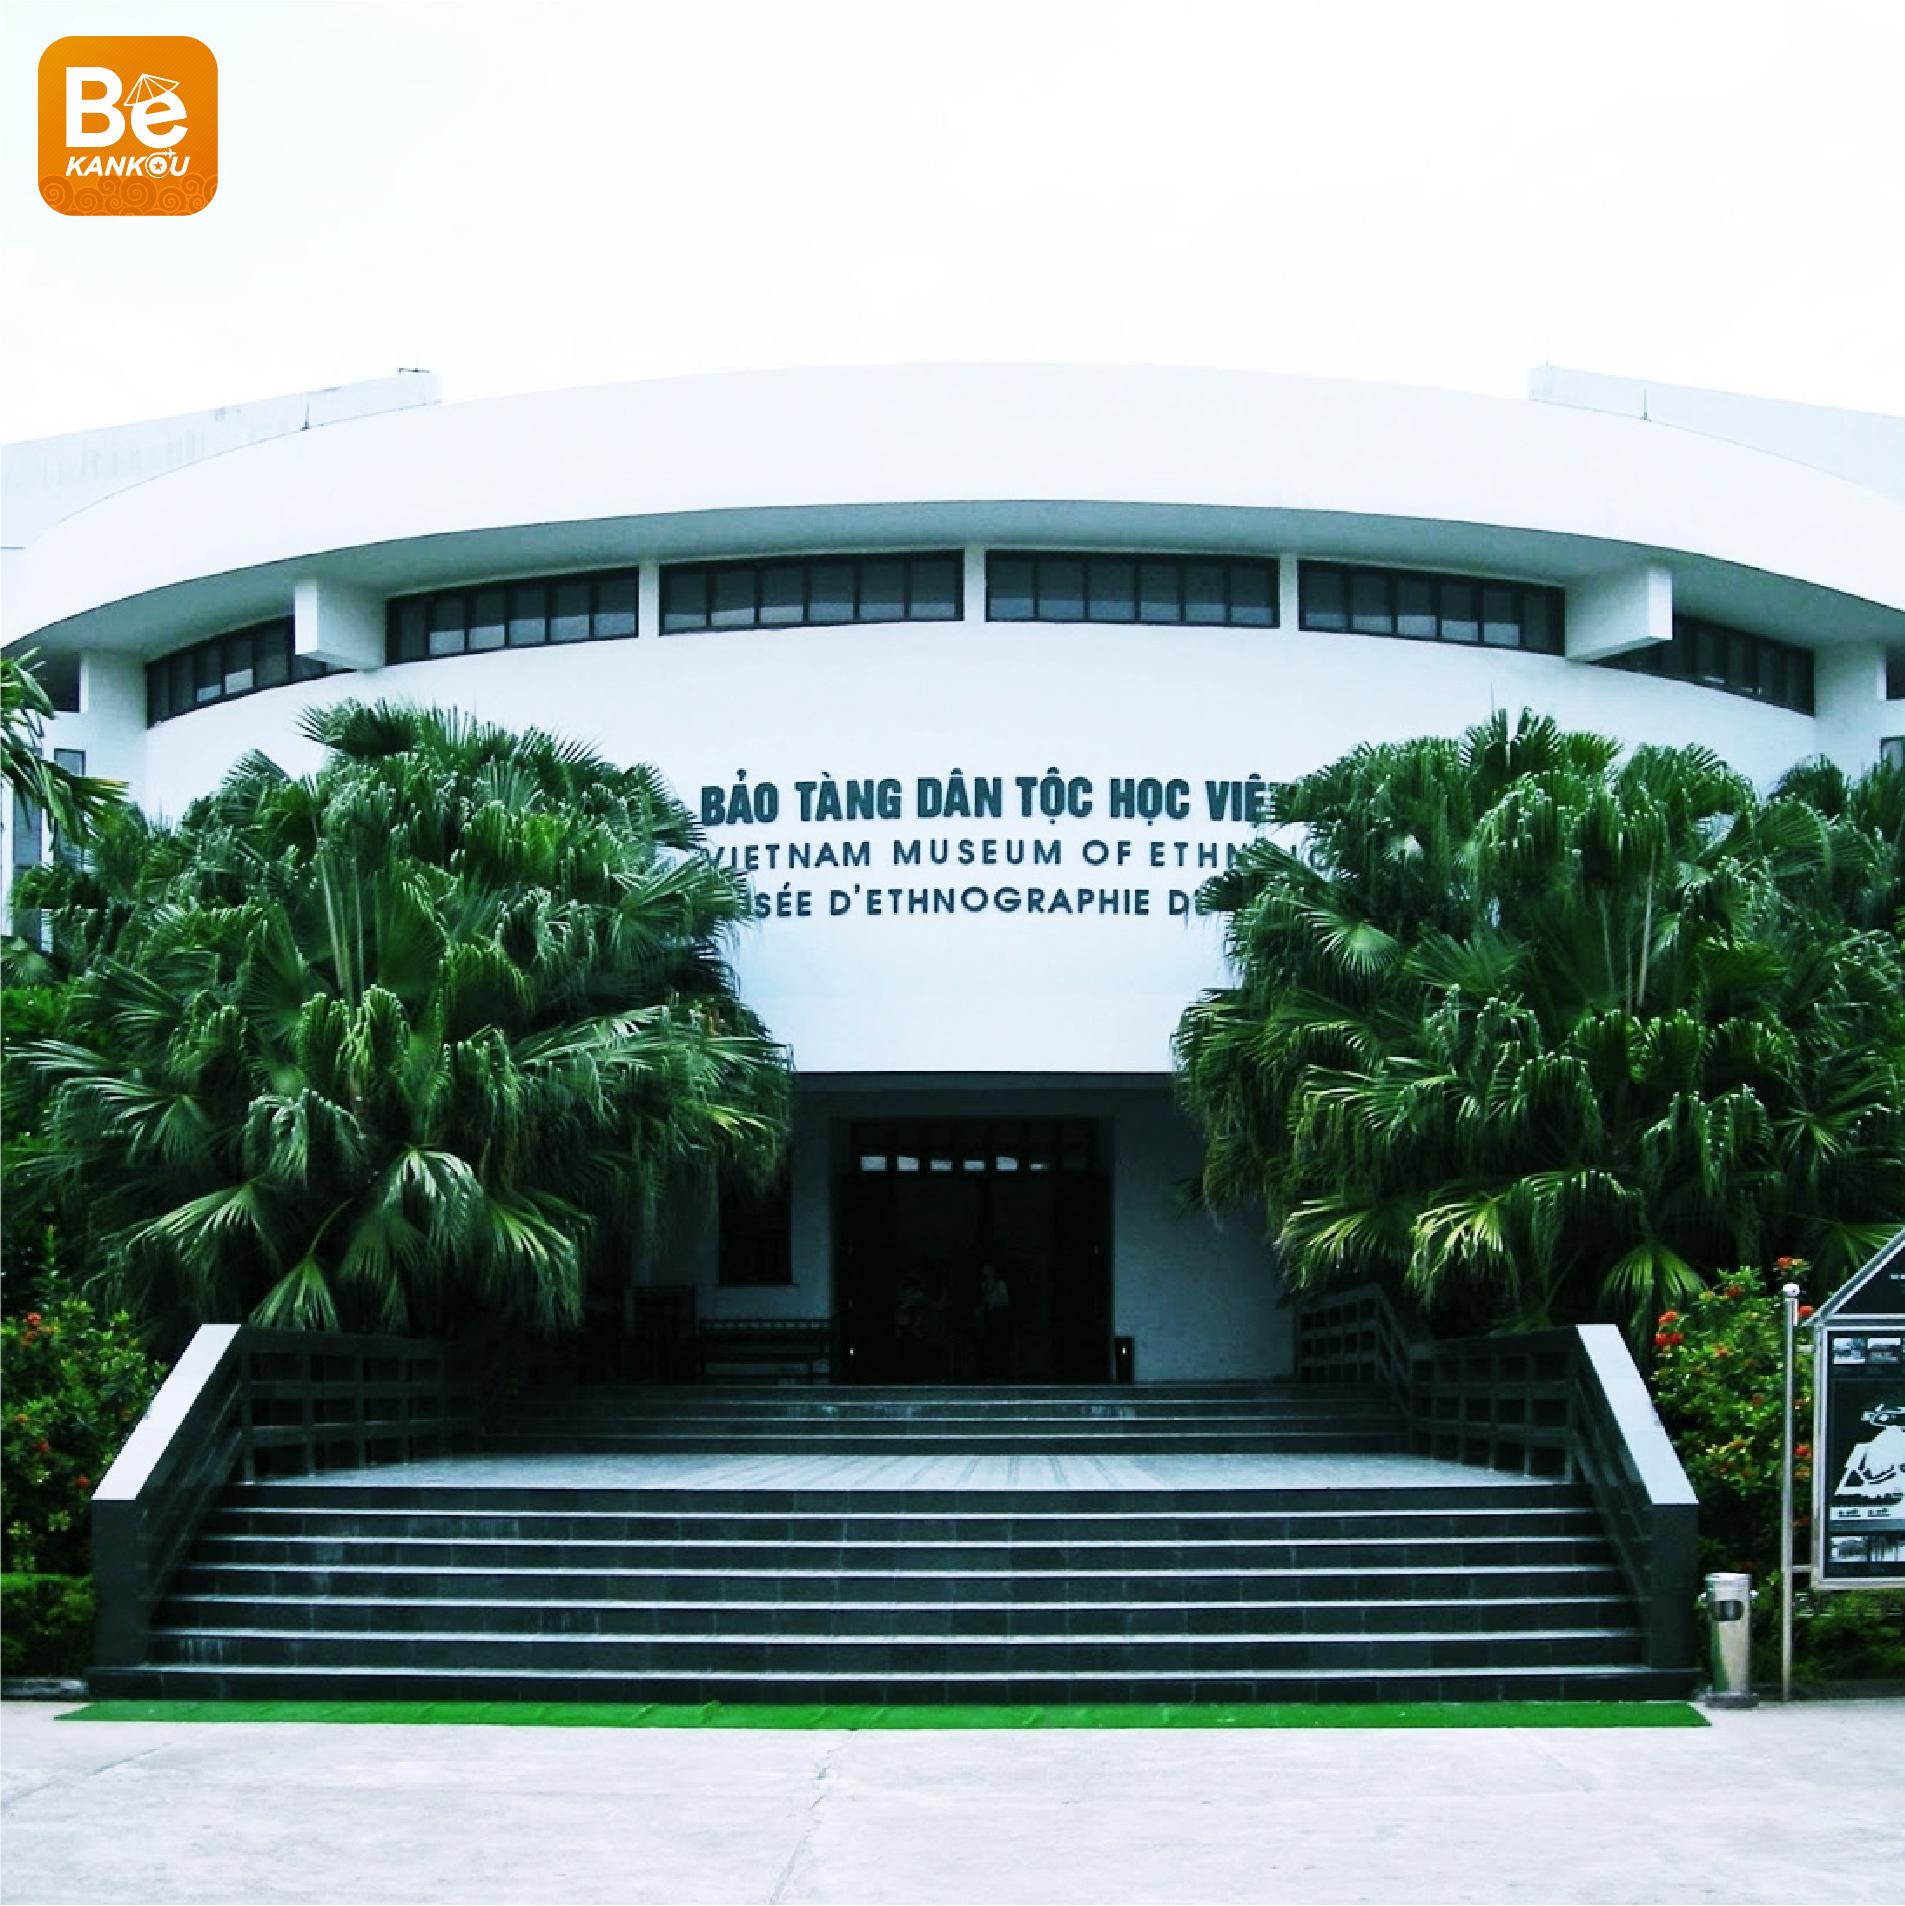 ベトナム民族学博物館:ハノイの魅力的な観光スポット